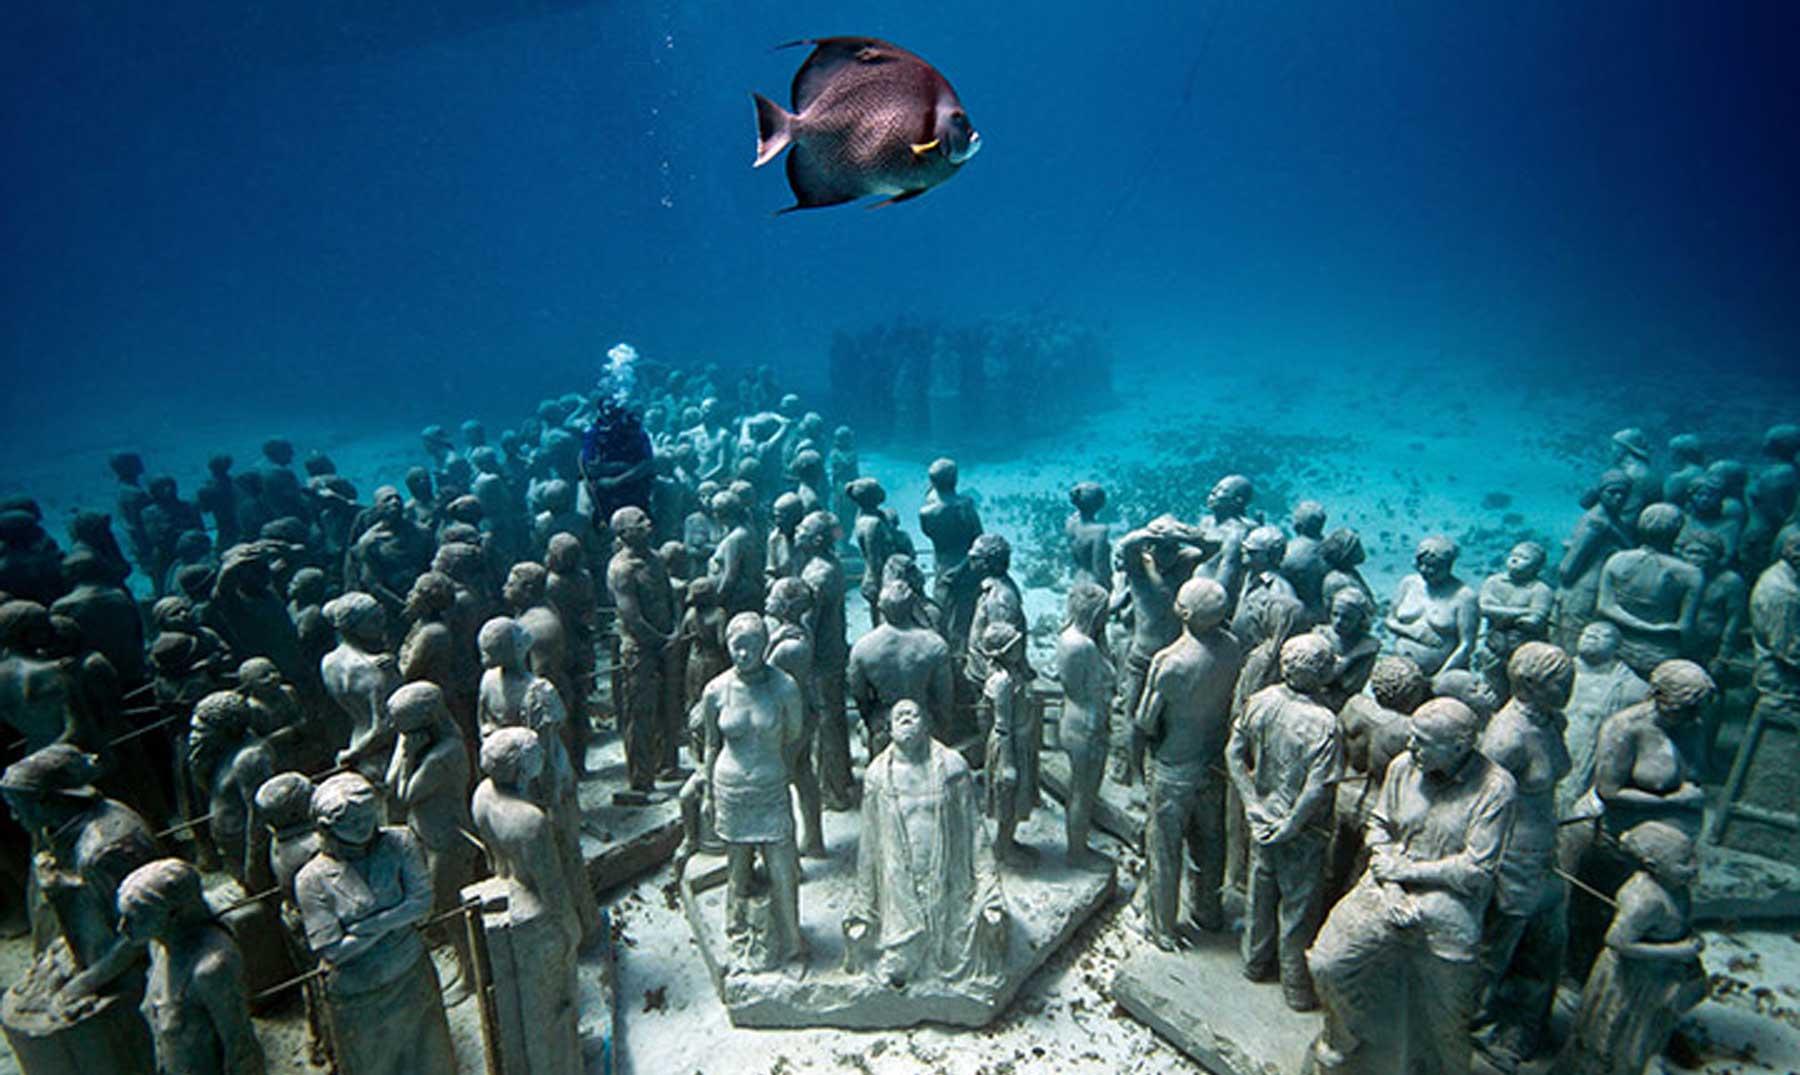 Arrecife de esculturas submarinas, arte eco-friendly